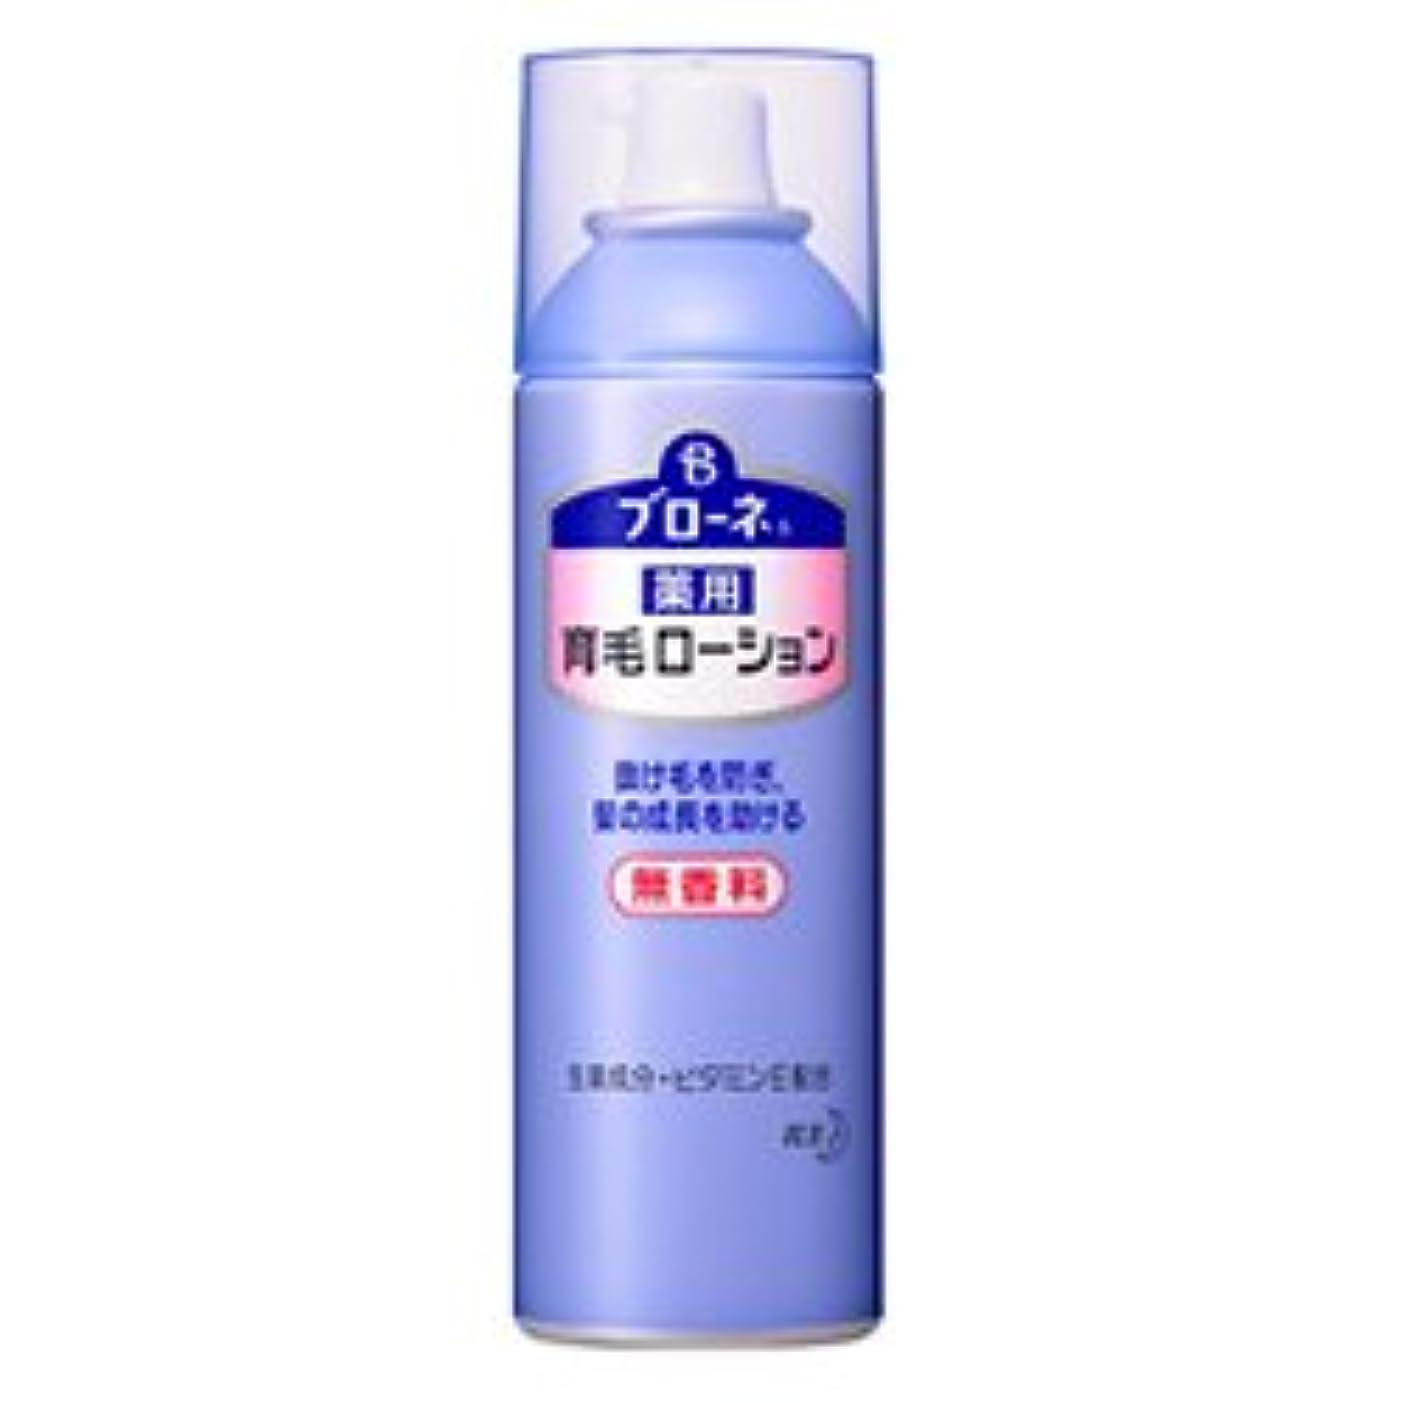 【花王】ブローネ 薬用育毛ローション 無香料 (180g) ×5個セット